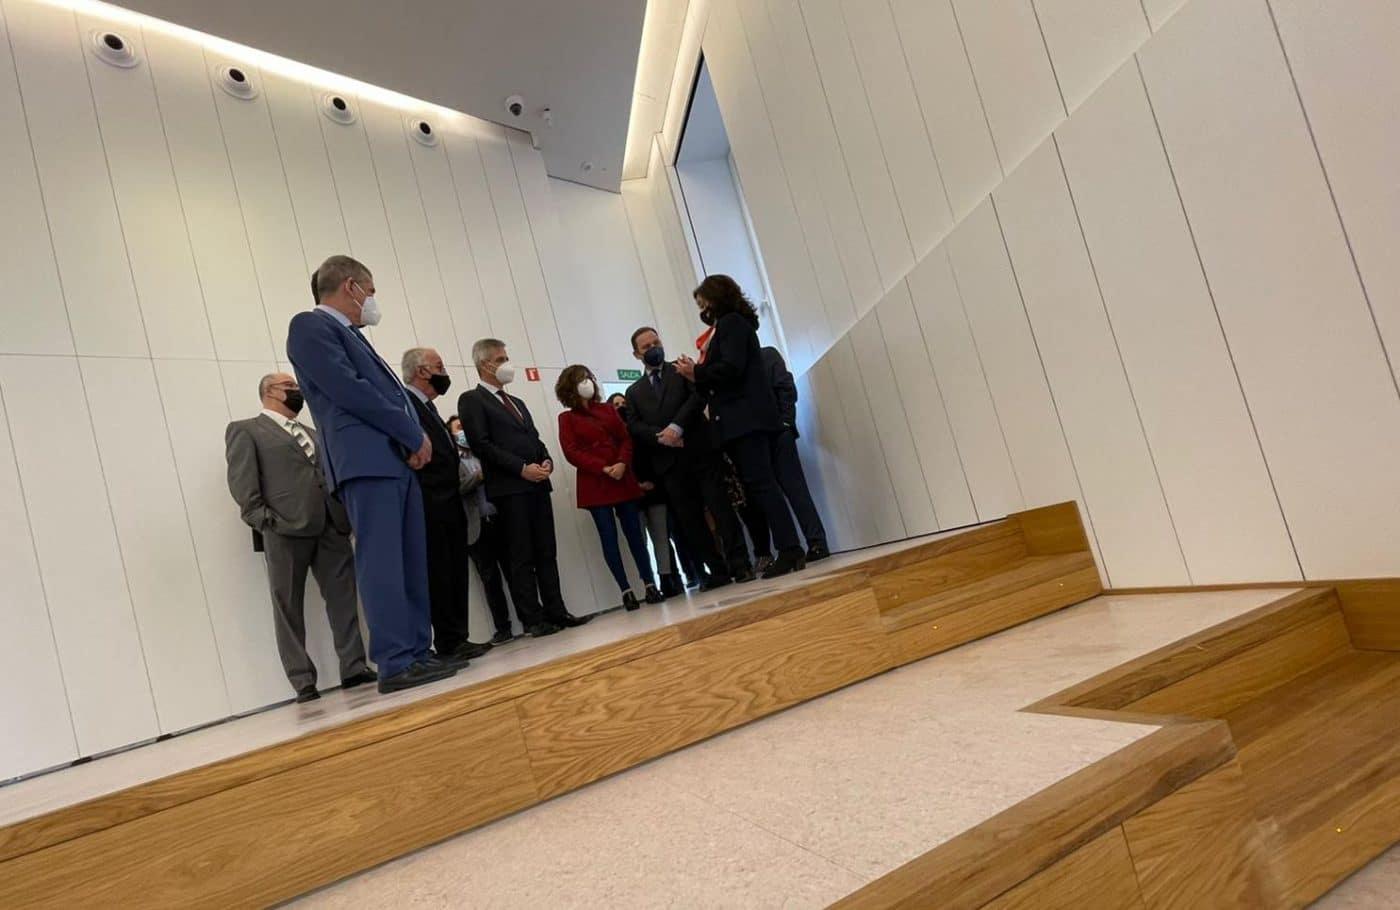 VÍDEO: Ábalos inaugura de manera oficial el edificio María Díaz de Haro 13